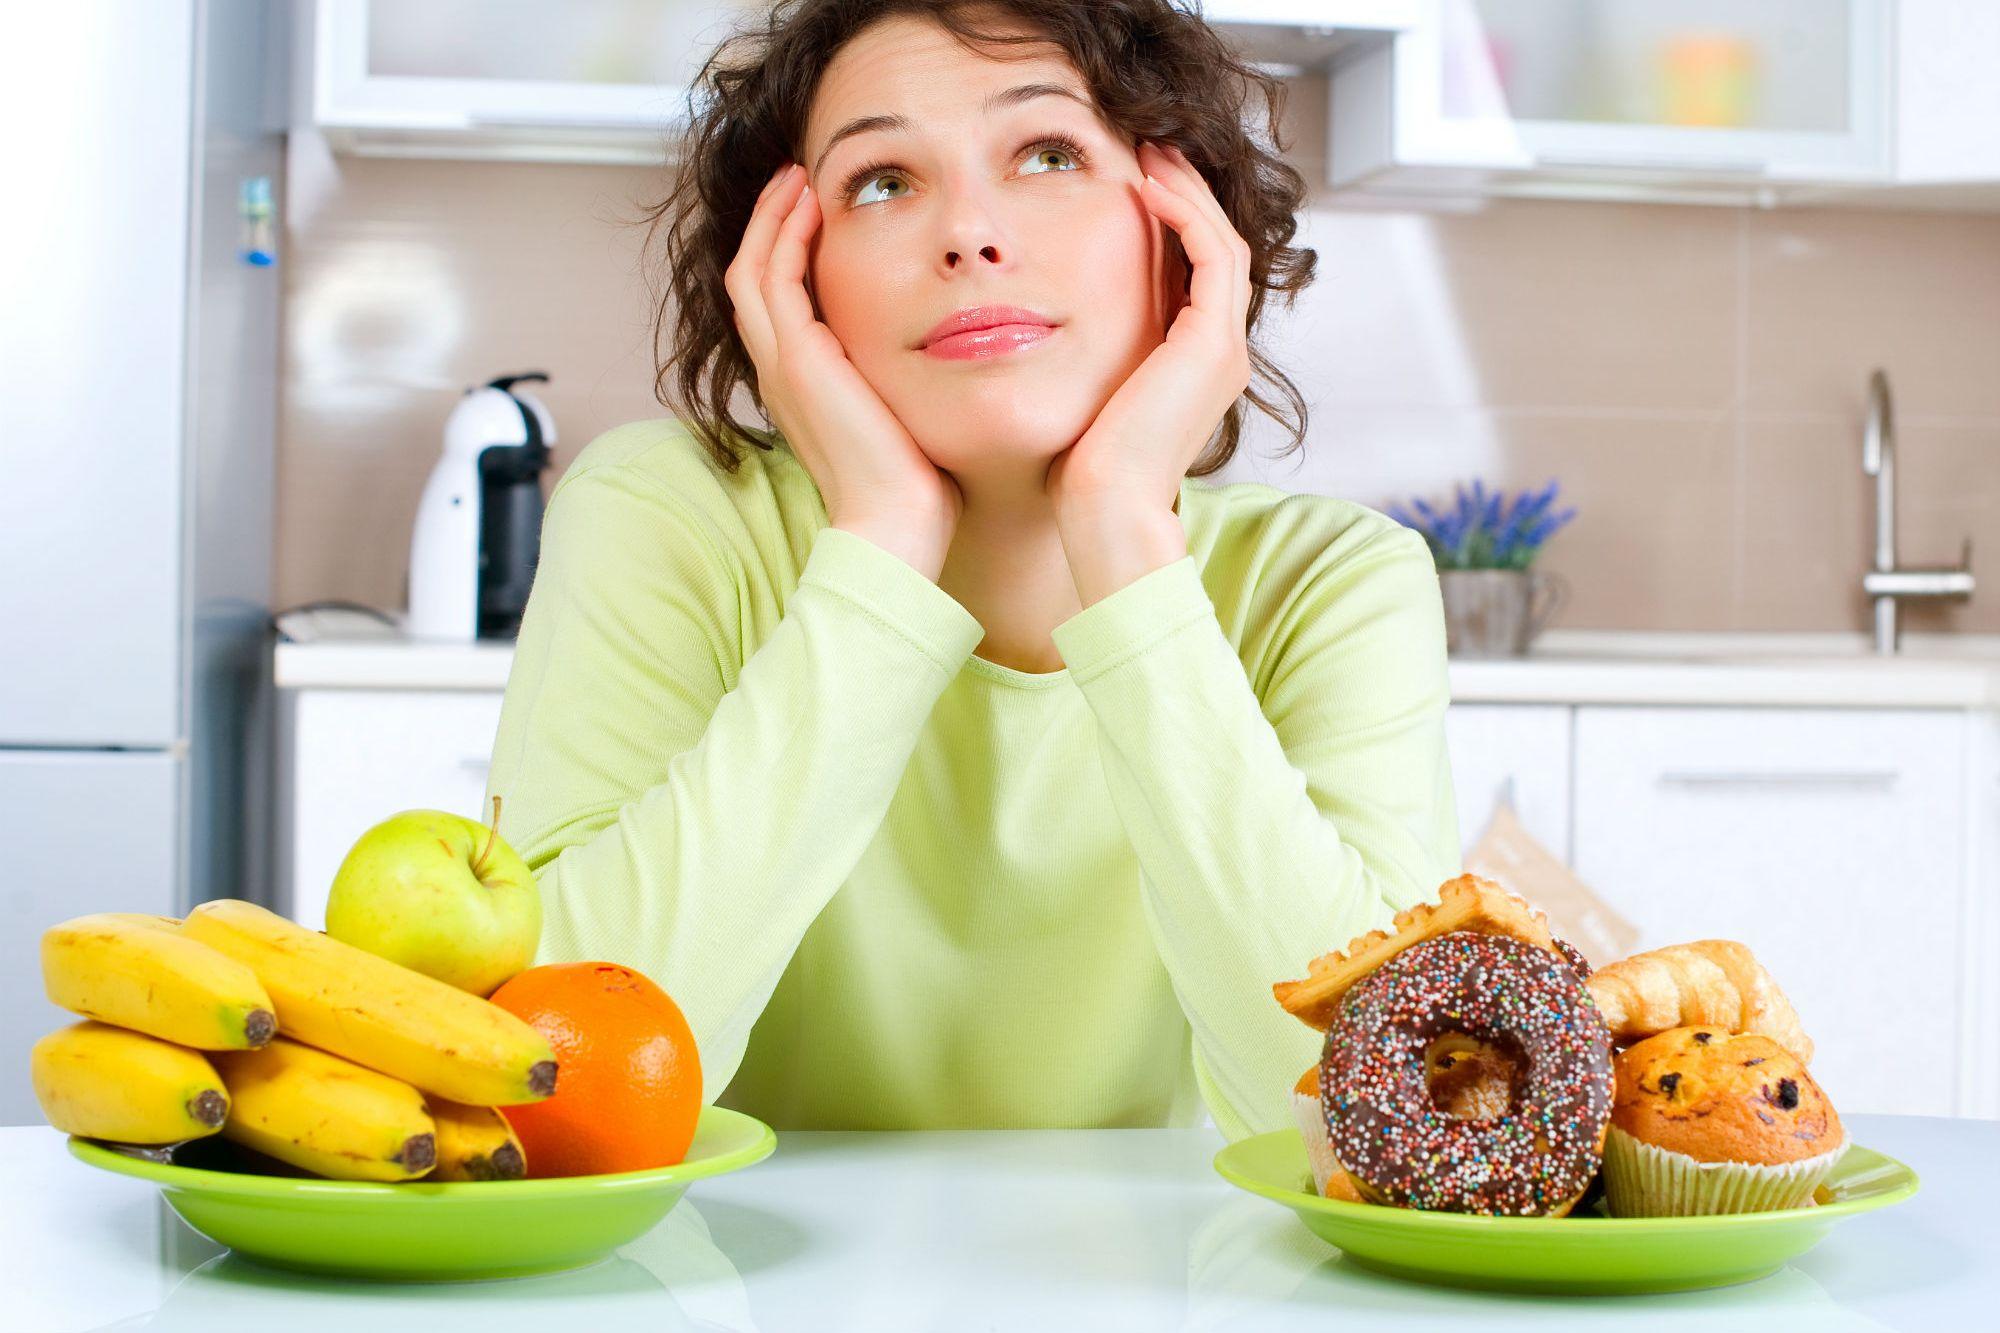 Dieta para adelgazar estando en reposon